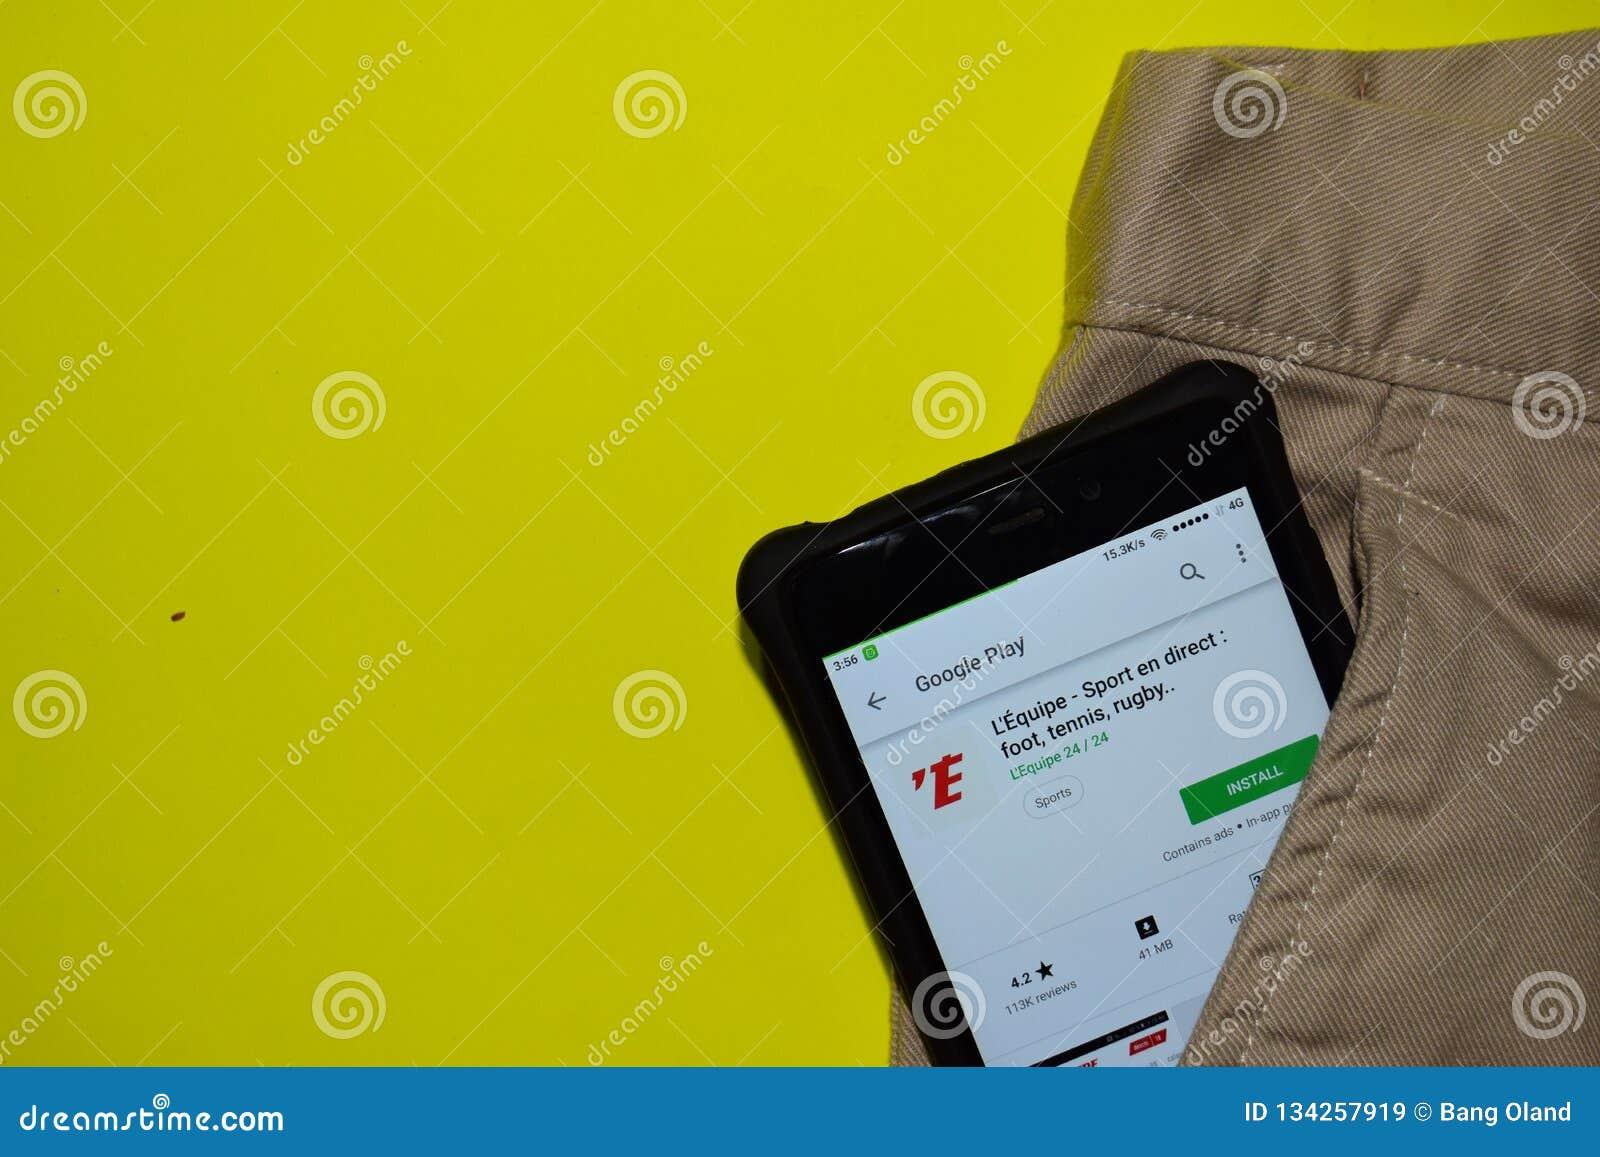 L 'Equipe - en del deporte directo: pie, tenis, uso del revelador del rugbi en la pantalla de Smartphone